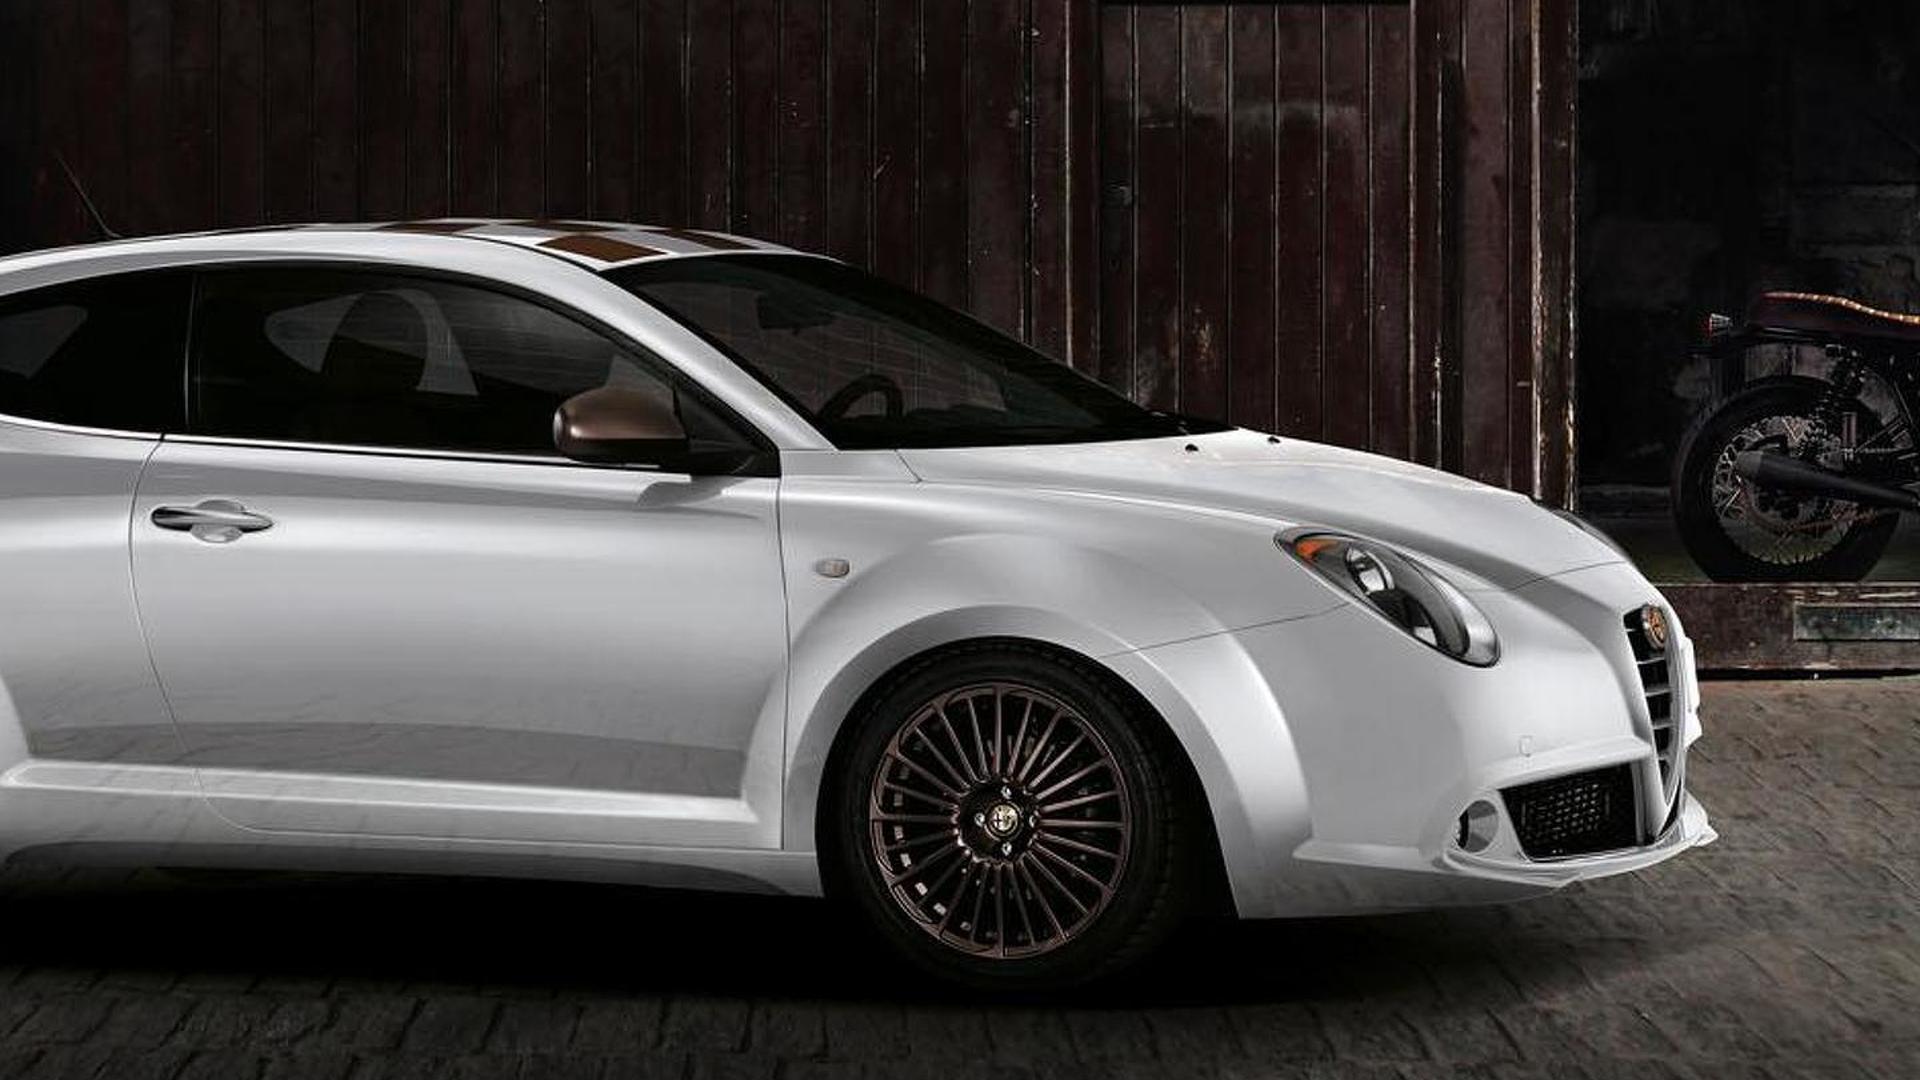 Alfa Romeo Mito Racer Unveiled Ahead Of Geneva Wheel Centre Caps